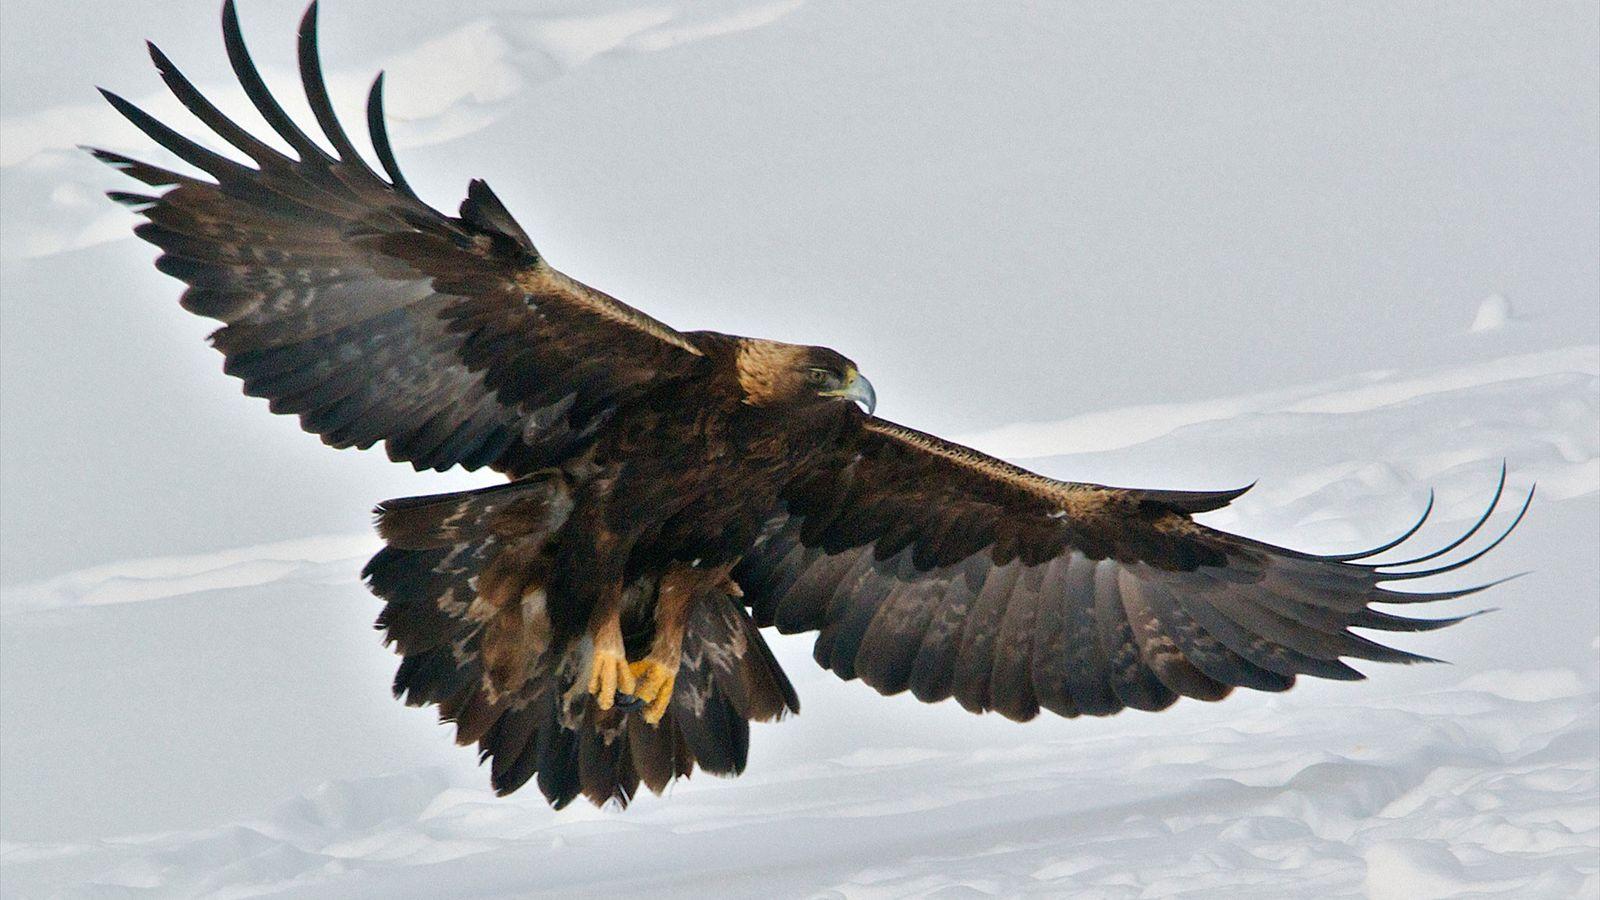 Un aigle royal atterrit sur la neige dans le parc national de Yellowstone. Ces rapaces peuvent ...